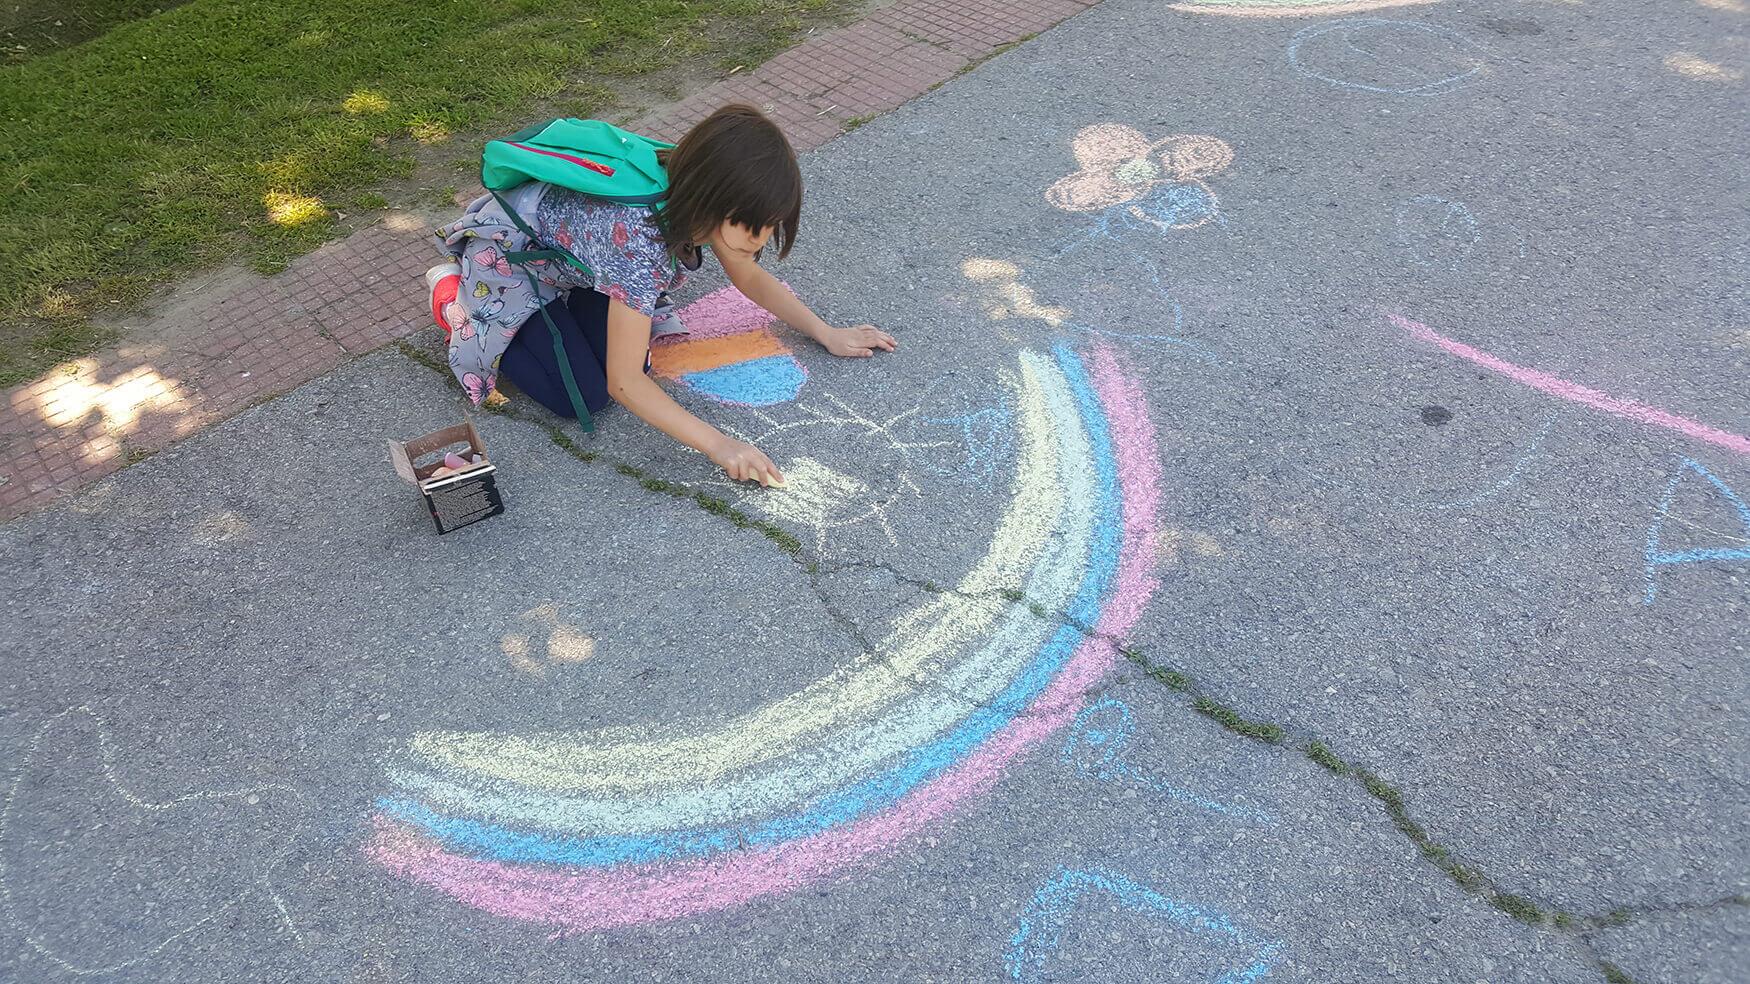 Djeca su veselo sudjelovala u pripremama kako bi njihovo Selo zablistalo na rođendan. Ukrasili su ulice, dvorišta i igralište